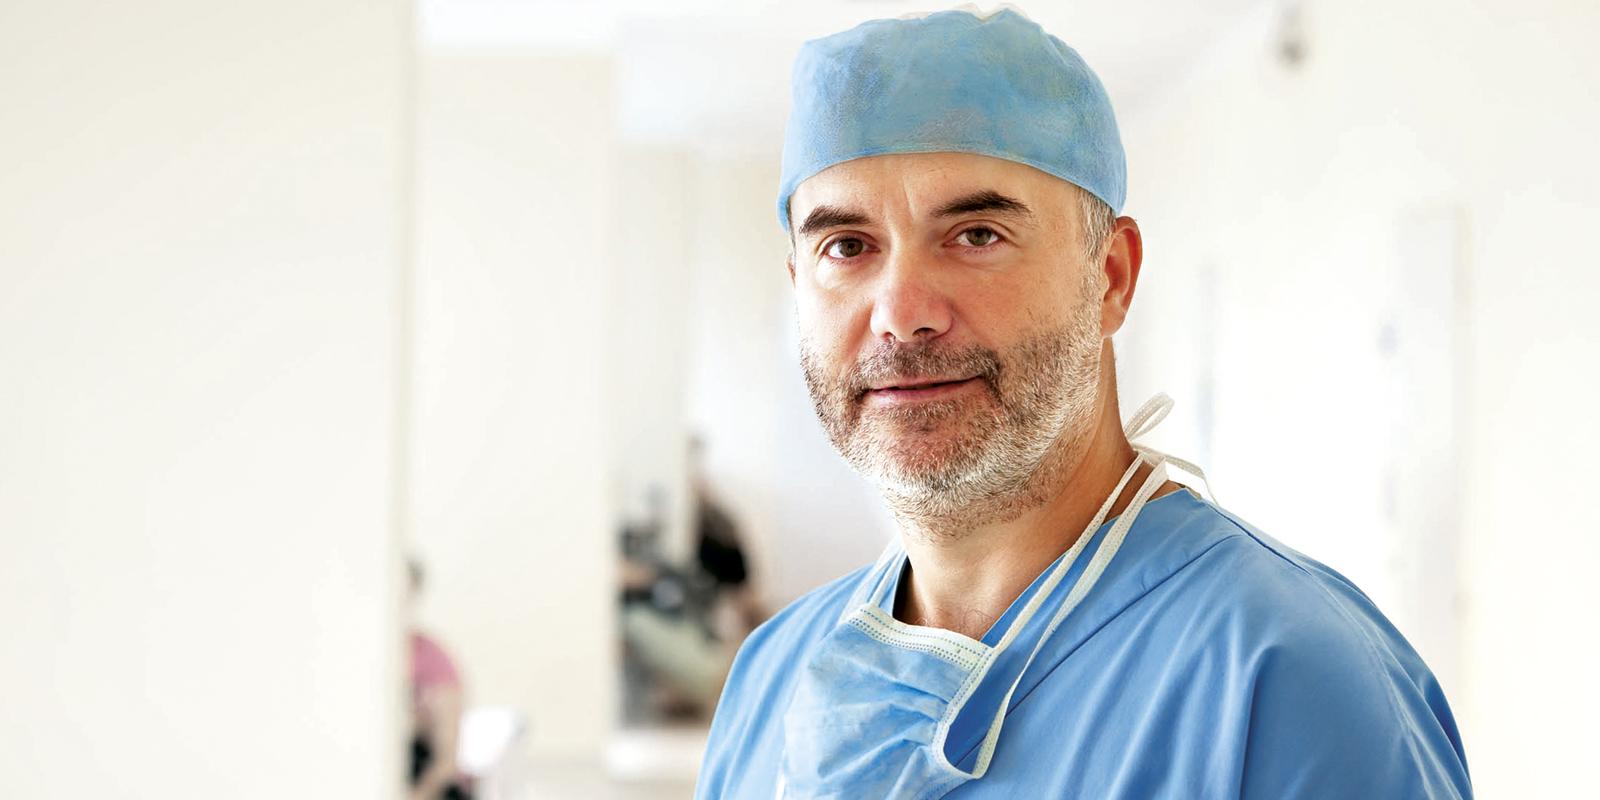 Ohľaduplnosť a citlivý prístup sú mojím základným princípomTop Lekári na Slovensku III najlepší odborník v odbore plastická chirurgia2014 súdny znalec MS SR v odvetví chirurgia, špecializácia plastická chirurgia2003 - 2007